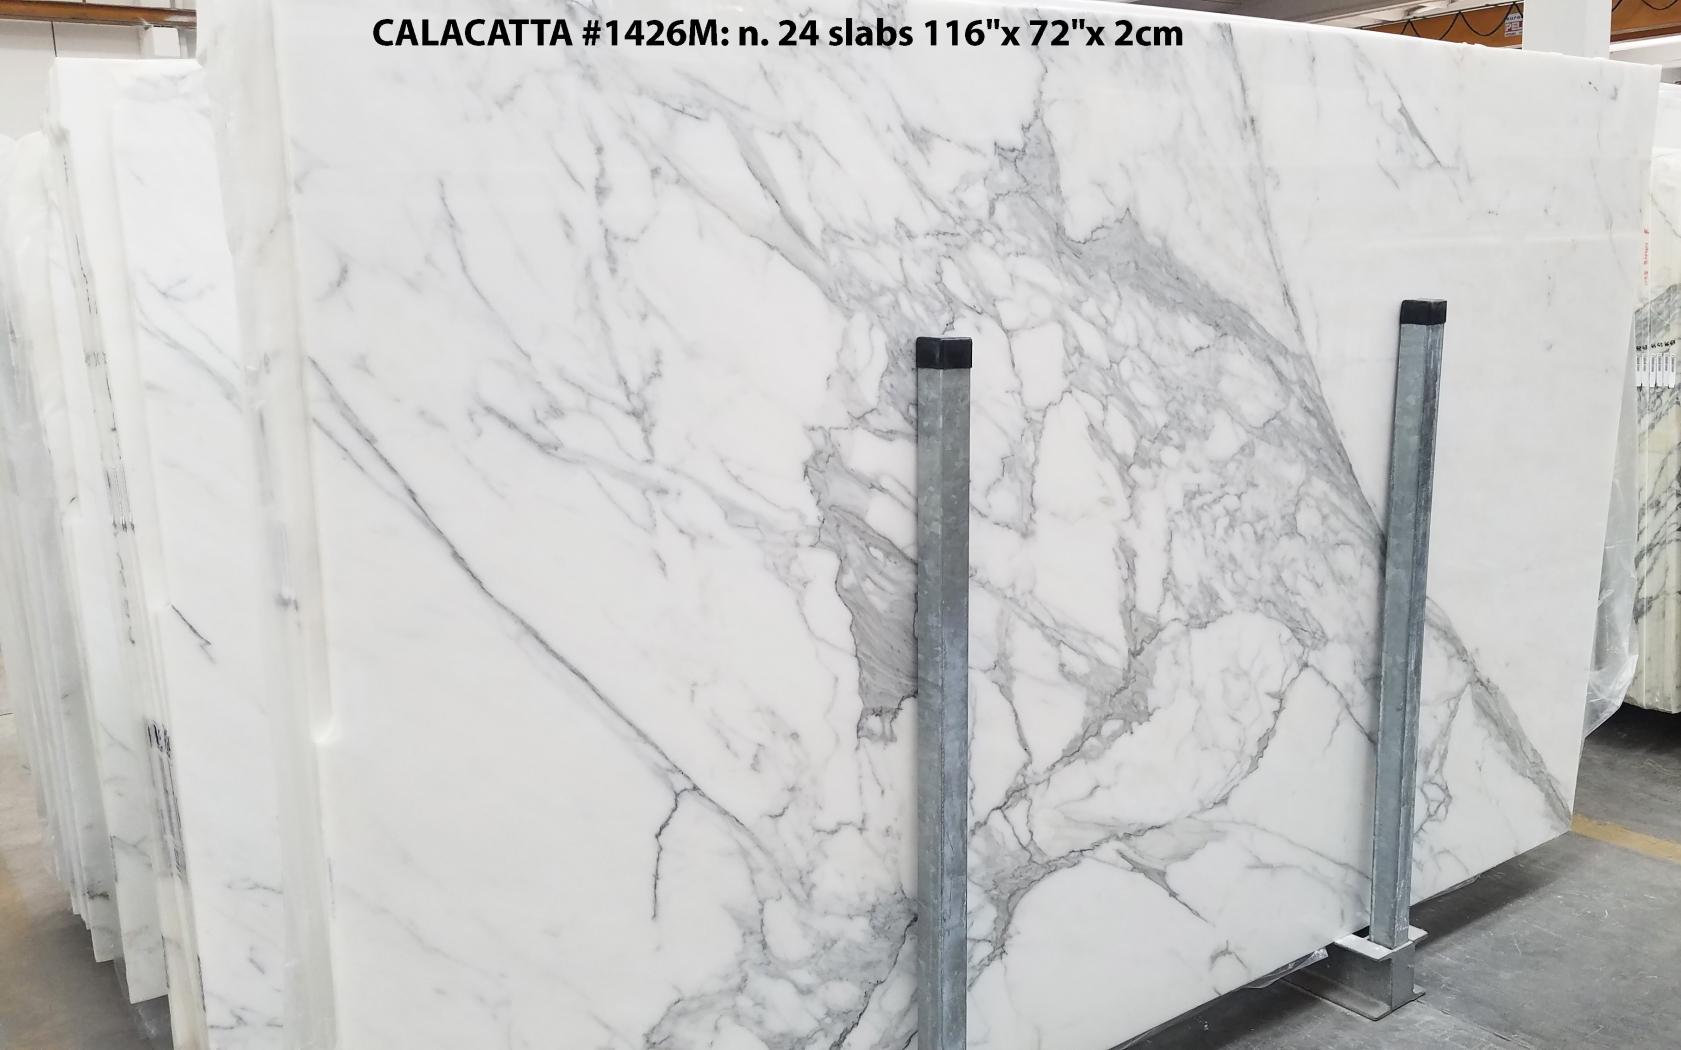 CALACATTA Suministro Verona (Italia) de planchas pulidas en mármol natural 1426M , Bundle #3